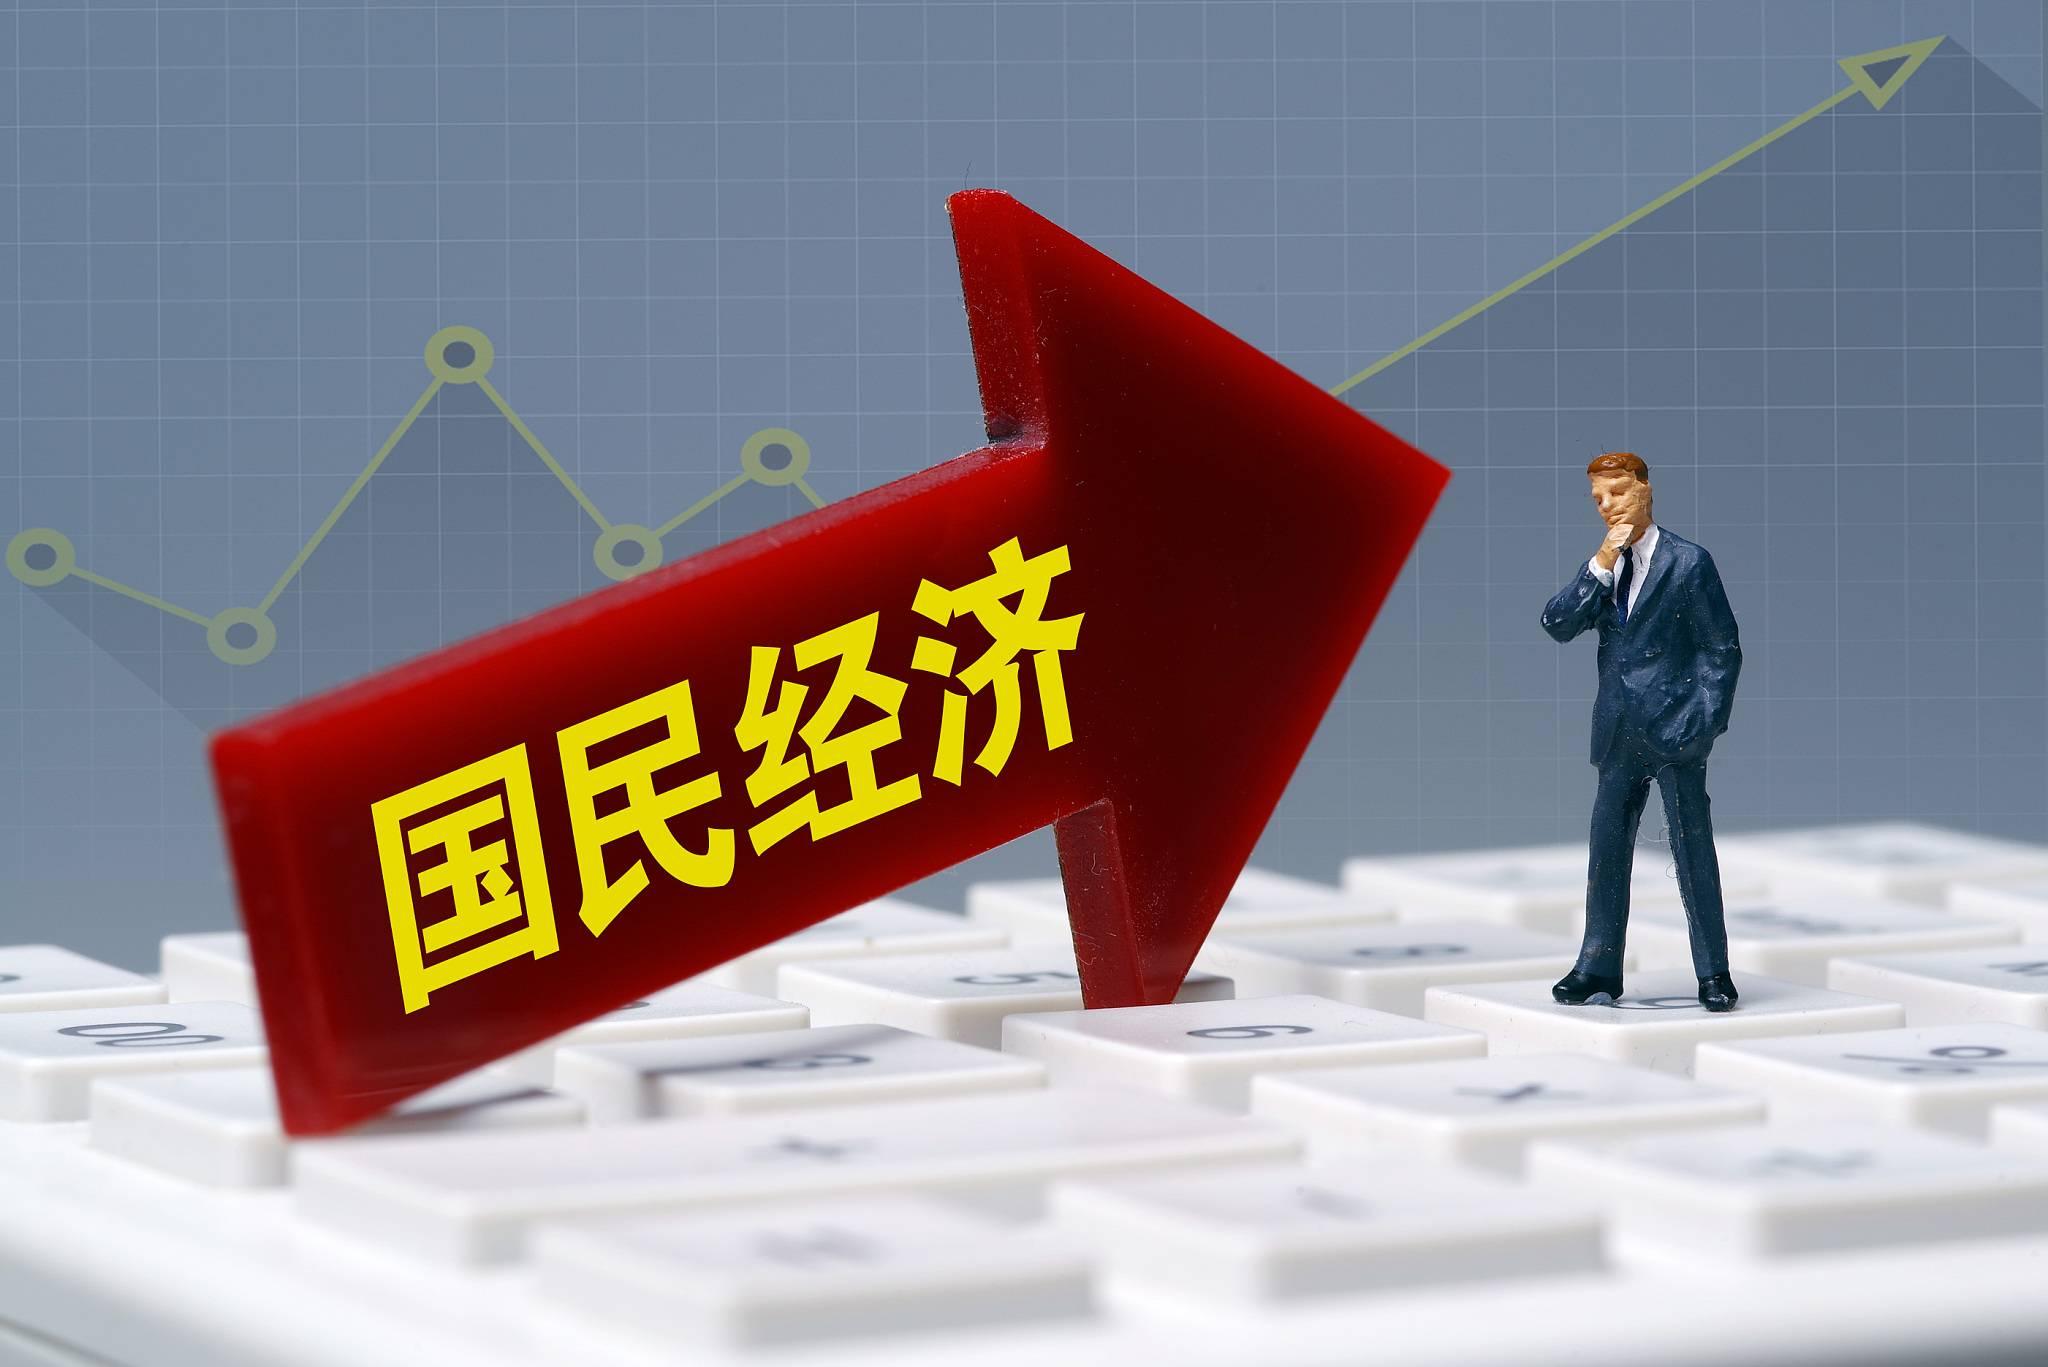 上半年国民经济有哪些亮点?下半年经济走势如何?权威解读!